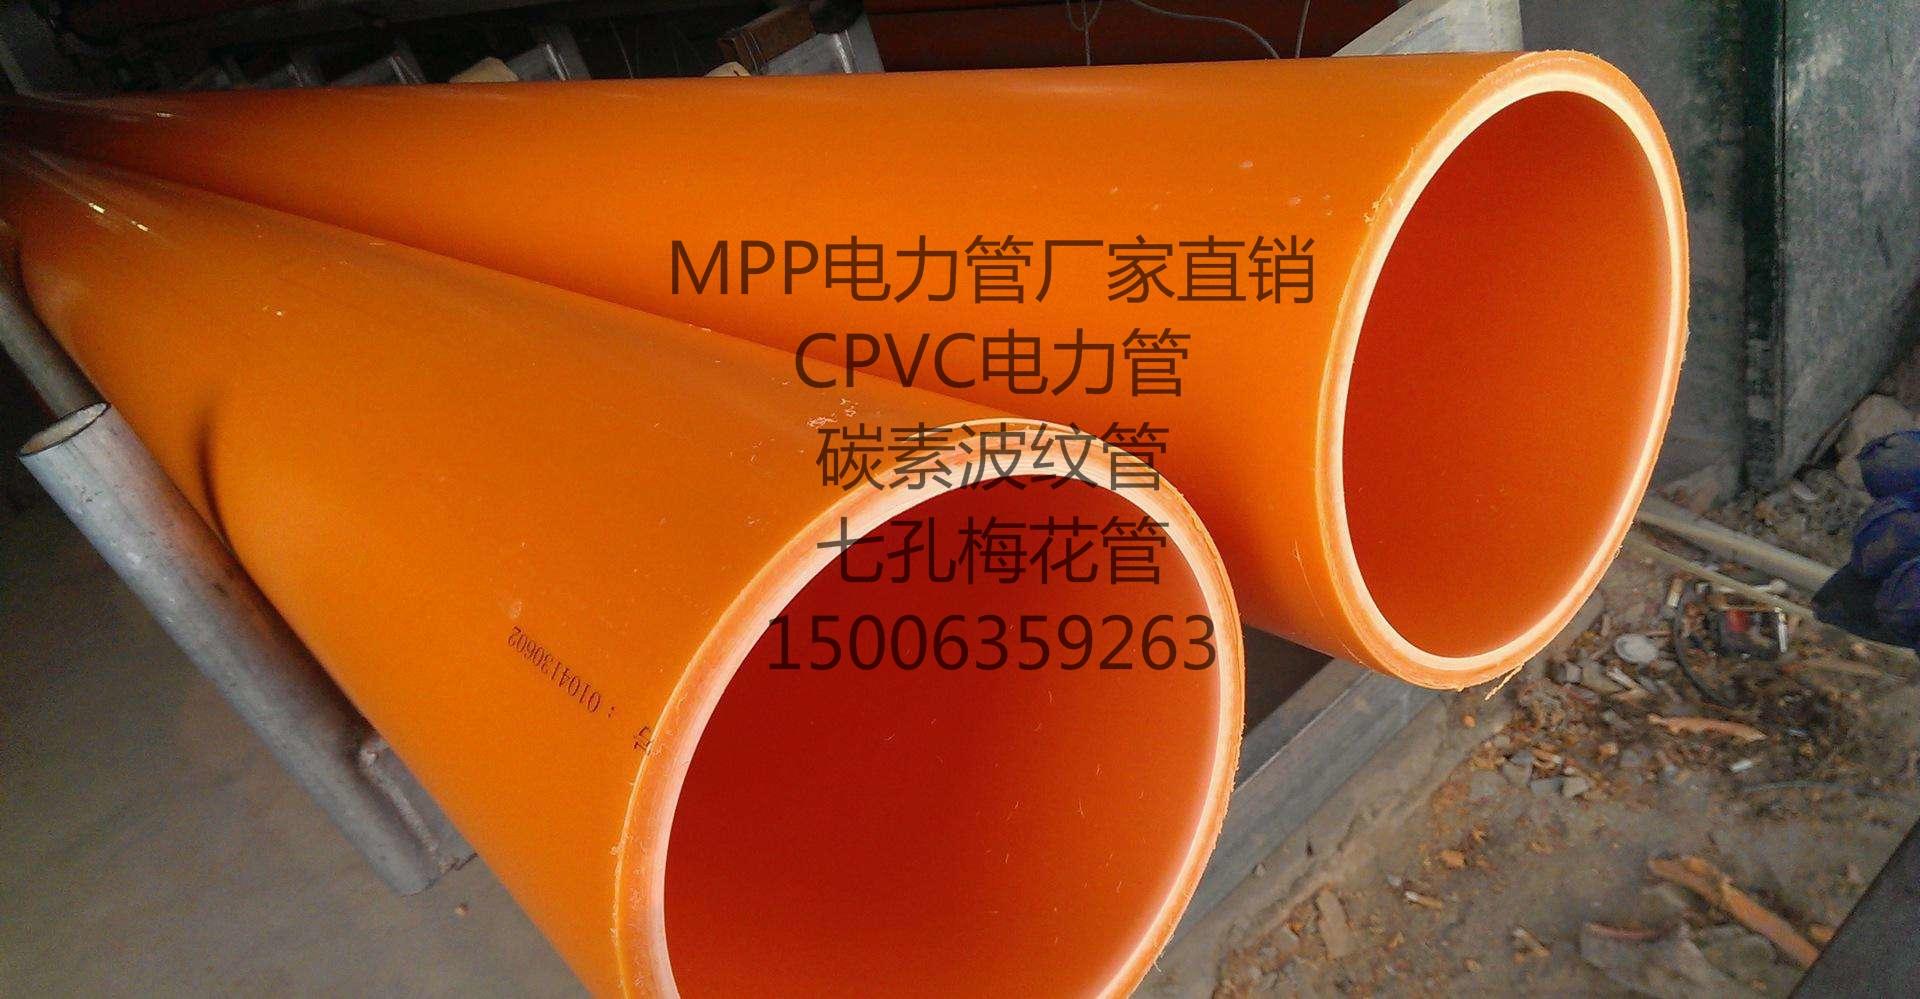 延津路桥工程MPP电力管厂家